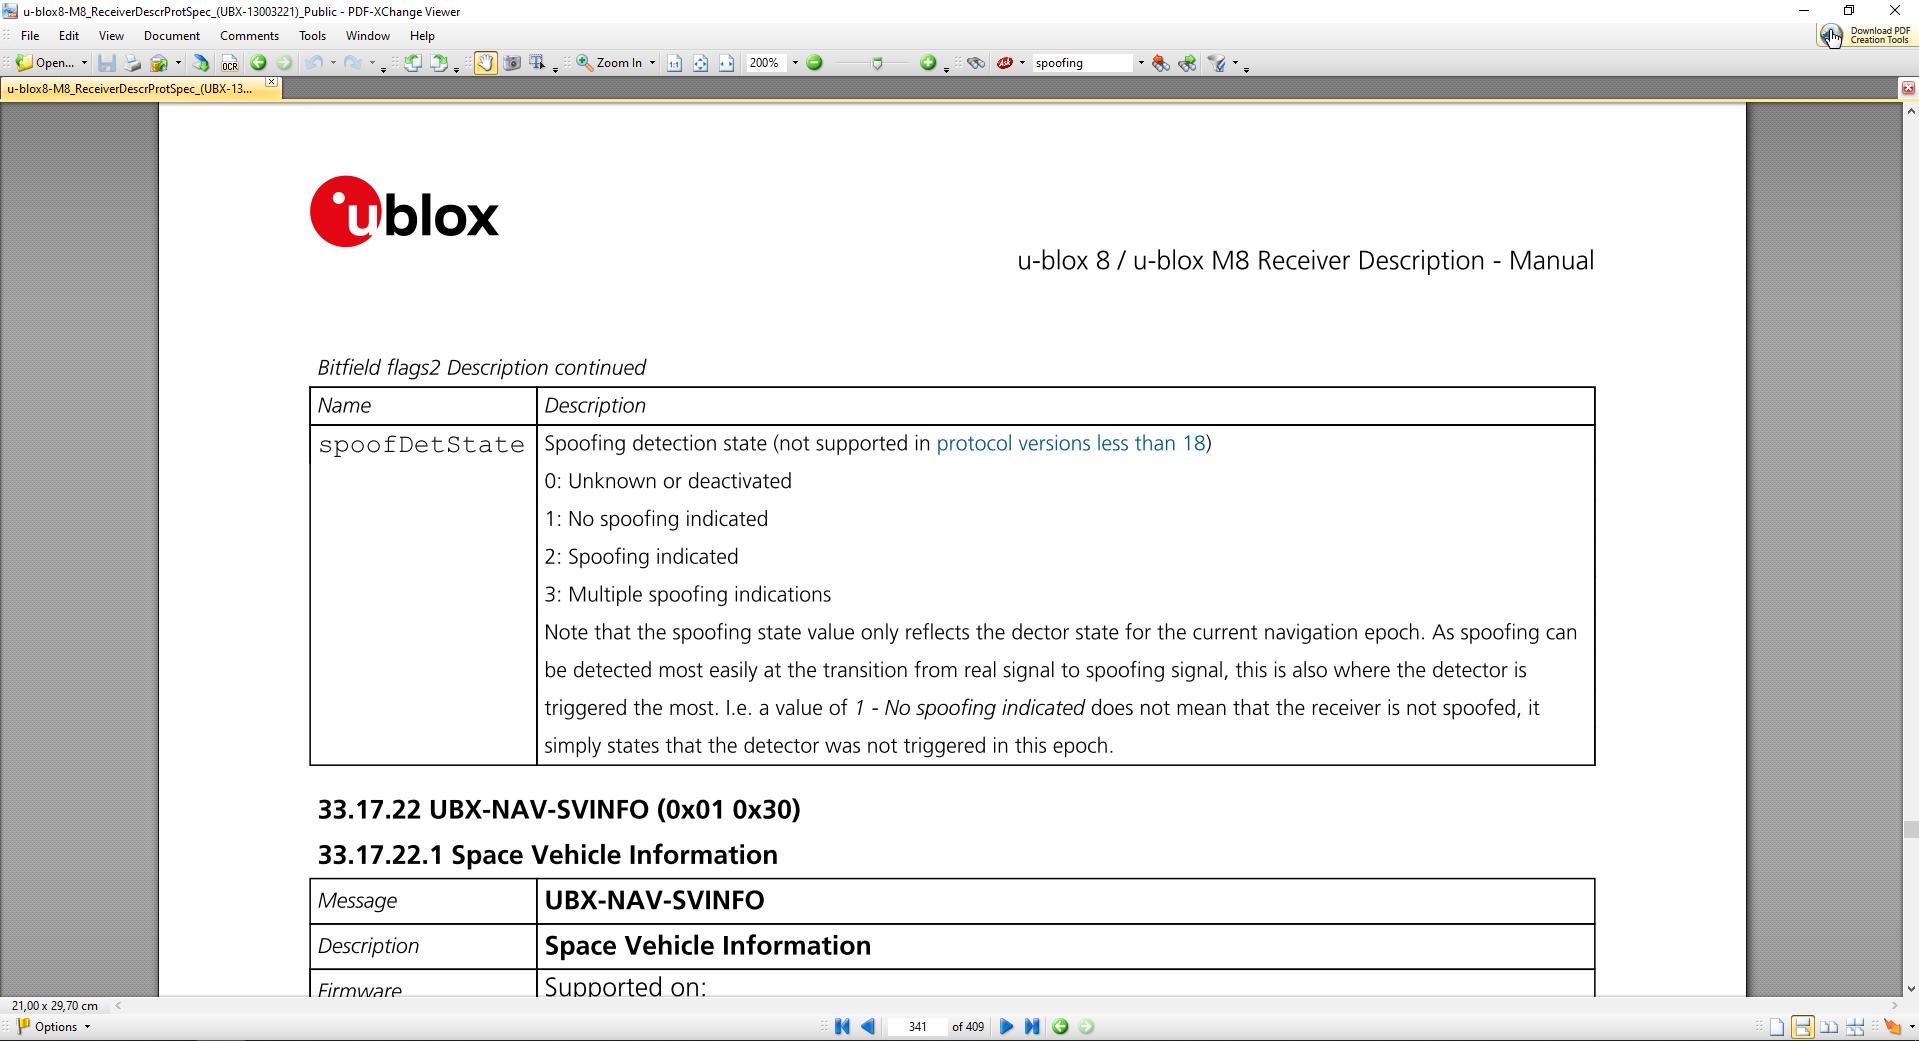 UBLOX GNSS Module Spoofing Flag Description